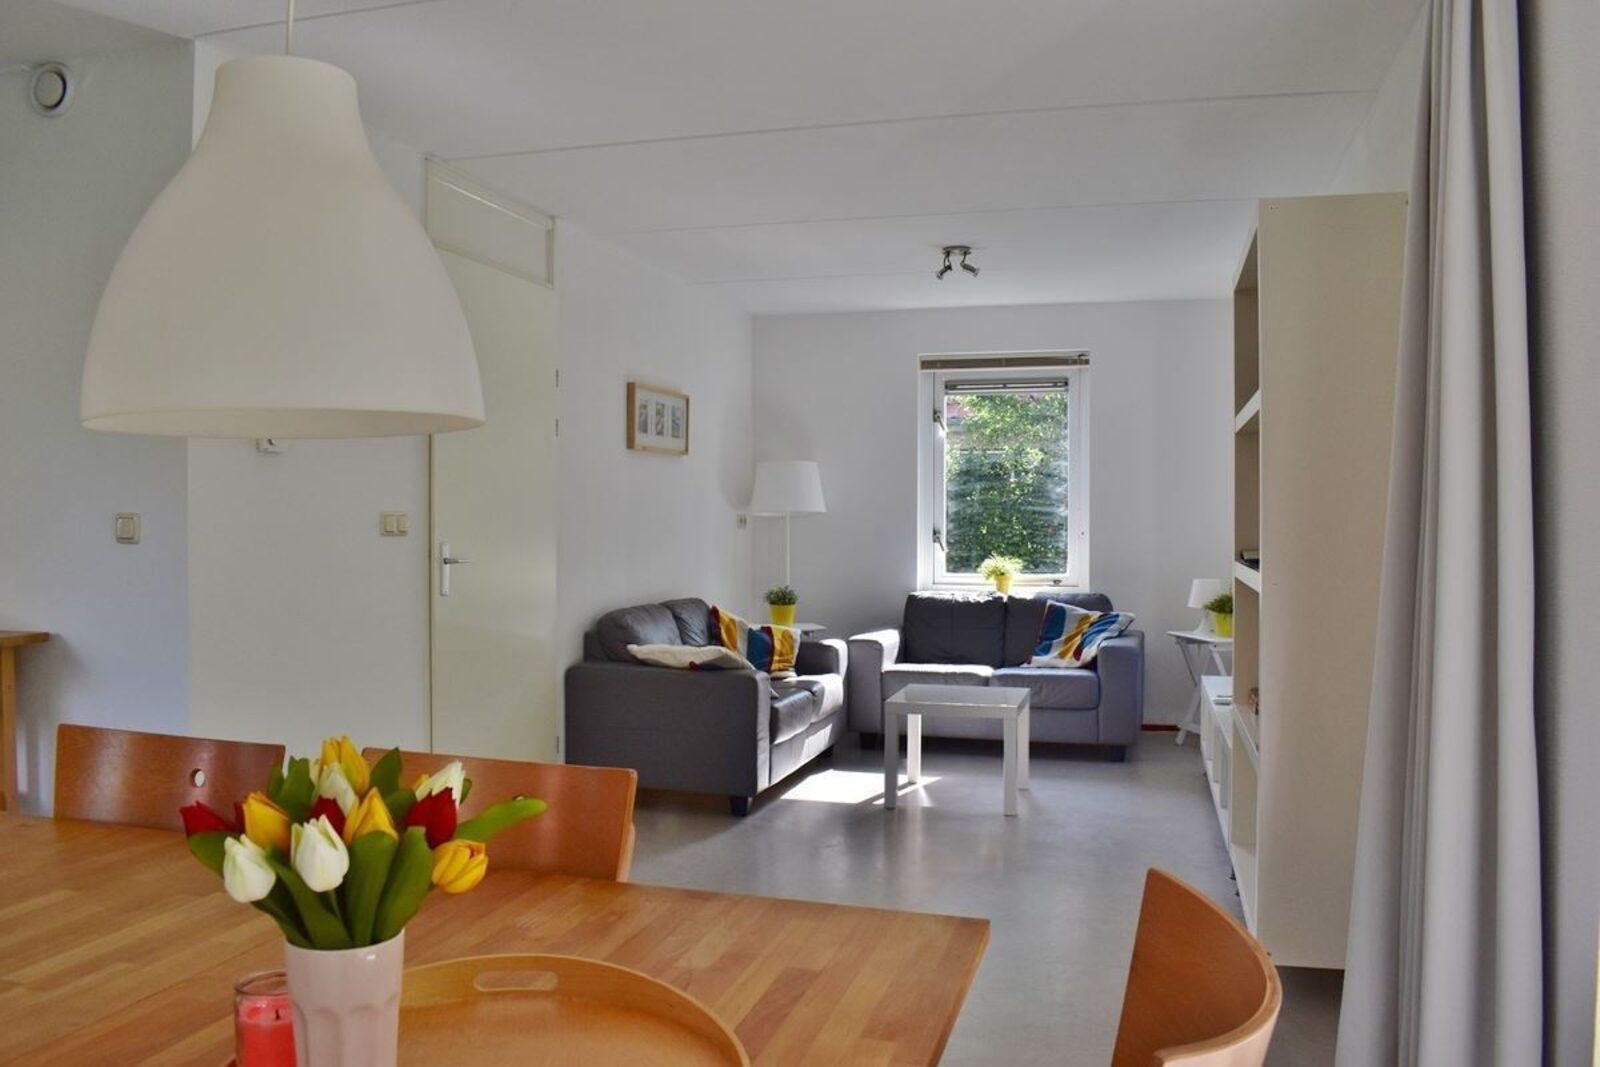 Ferienhaus für 6 Personen ca 76 m² in Zonnemaire Zeeland Küste von Zeeland